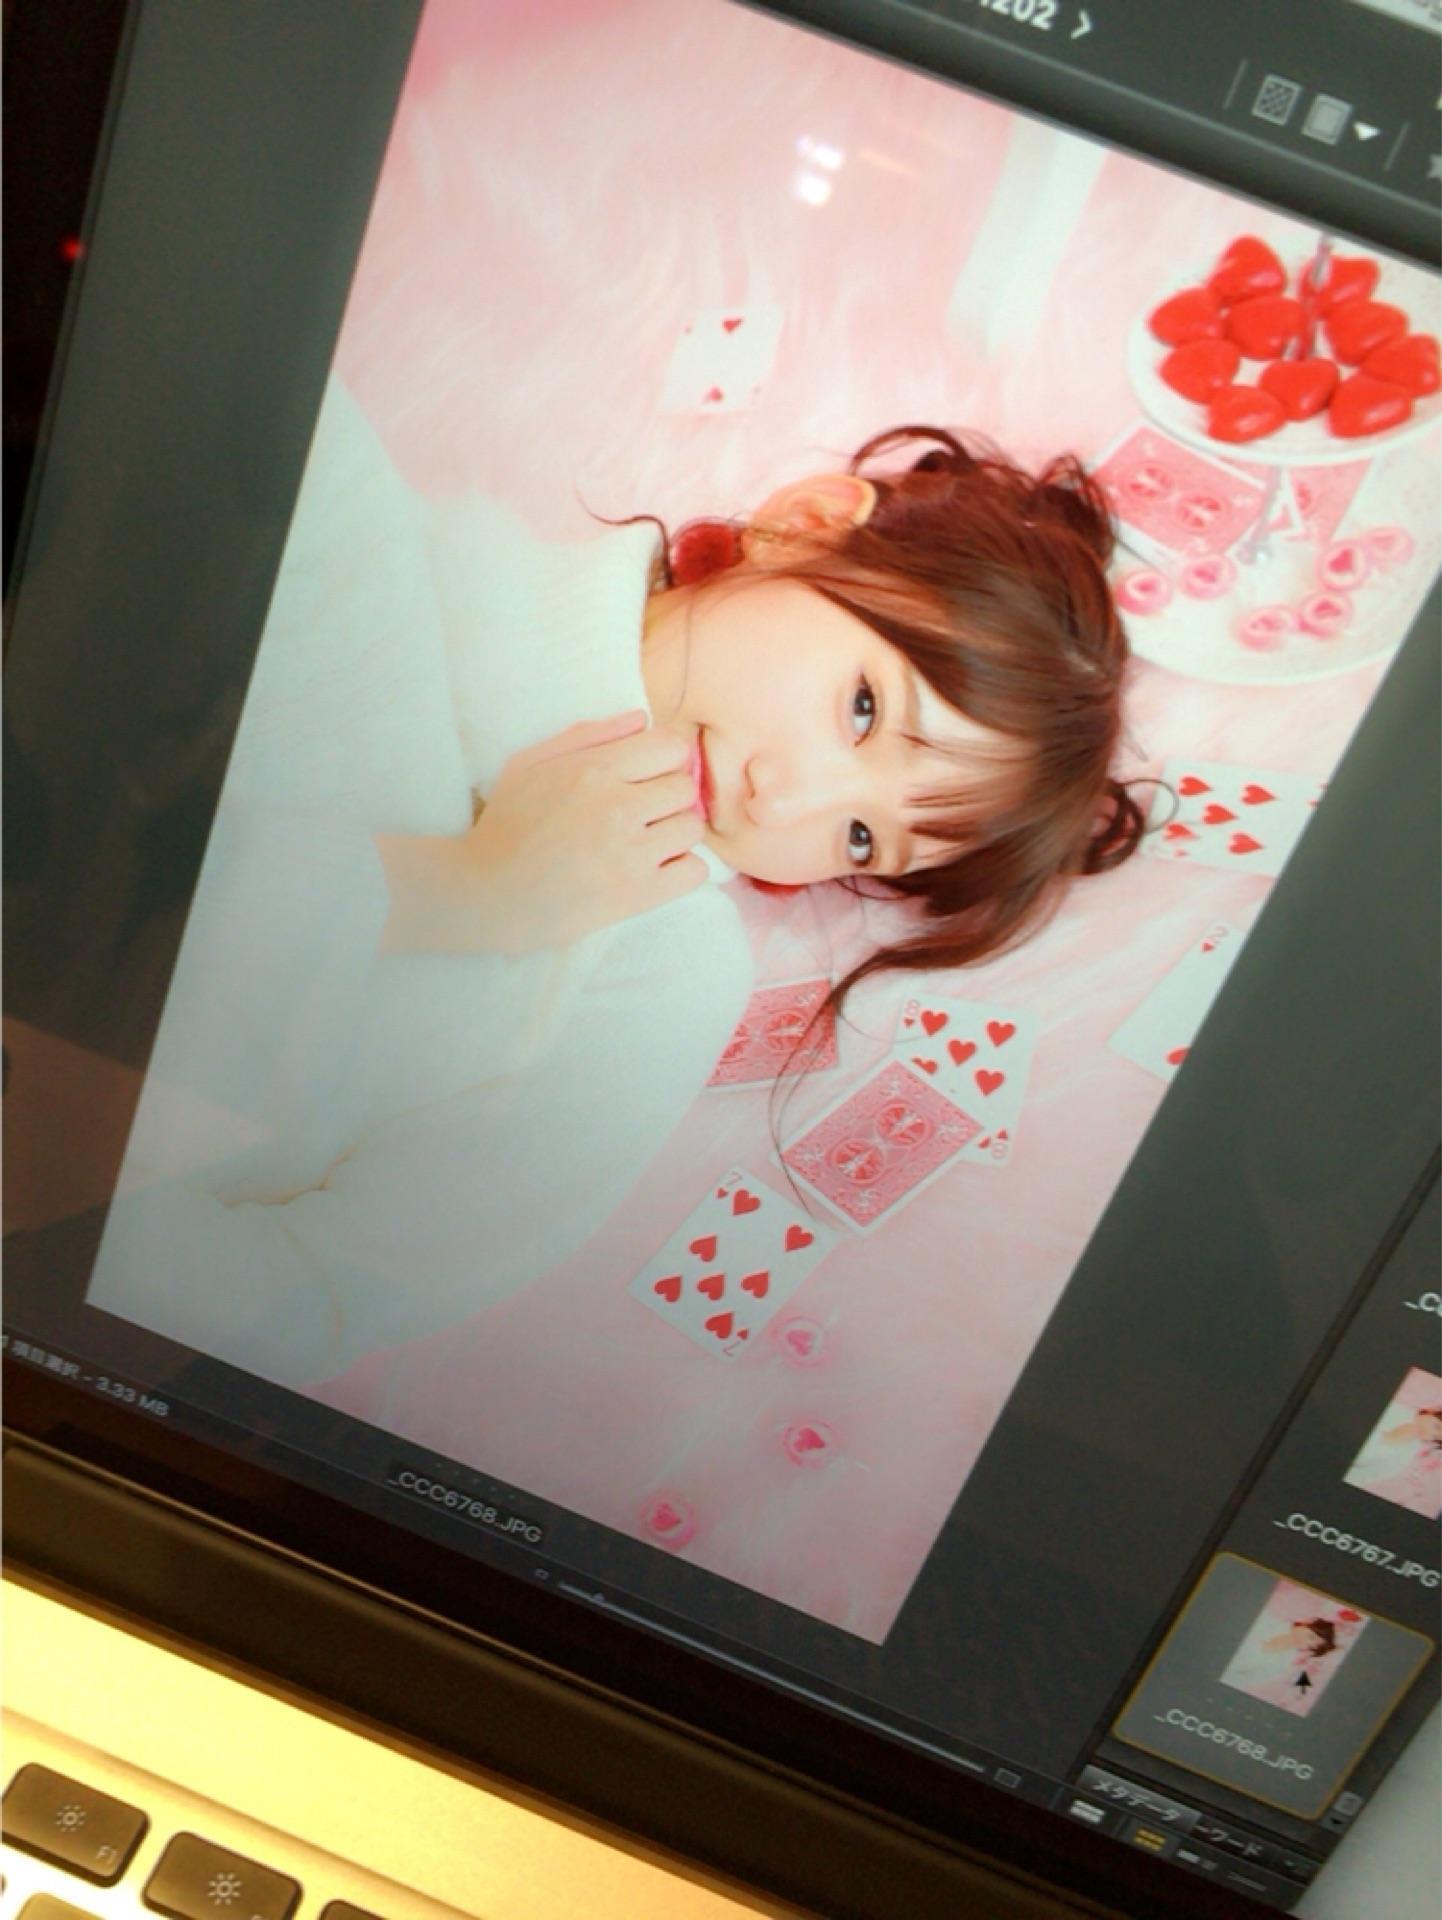 【HKT48】田中菜津美 応援スレ☆27【なつみかん】©2ch.netYouTube動画>5本 ->画像>325枚